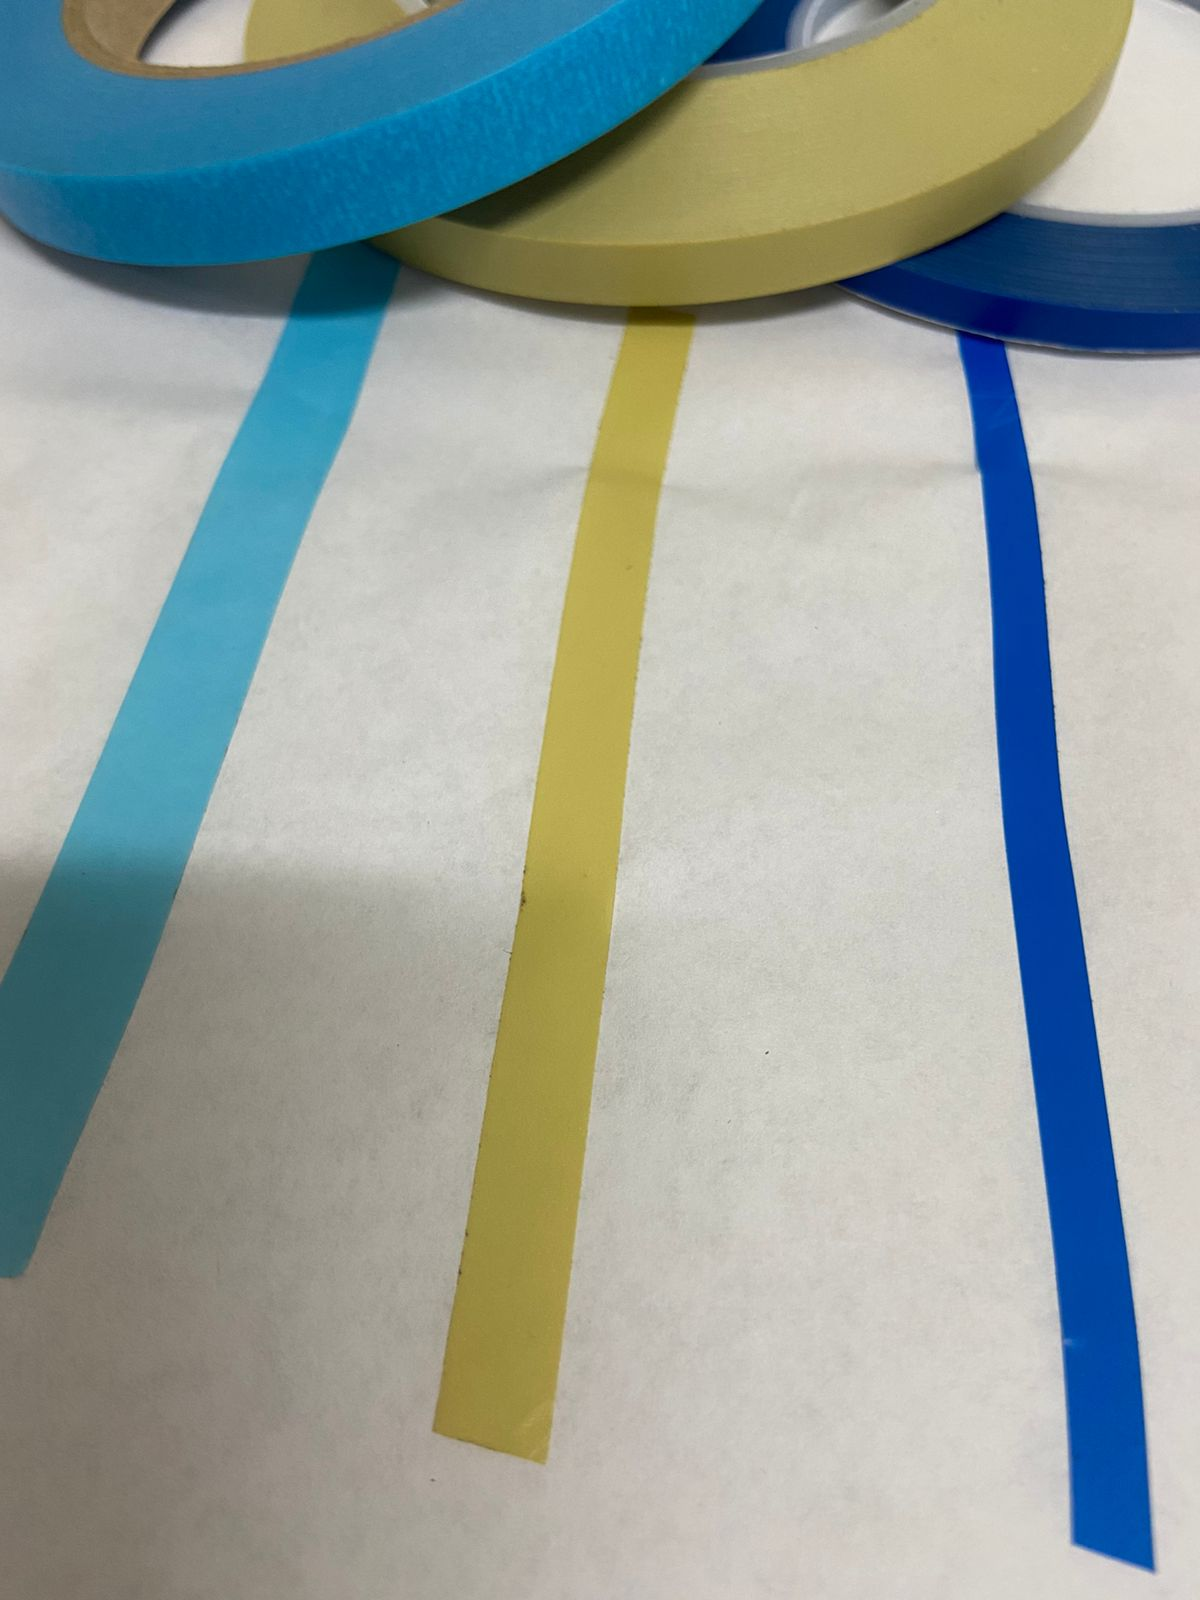 Fita adesiva SUPER FLEXÍVEL para tiras finas e curvas/ondas com 66 metros